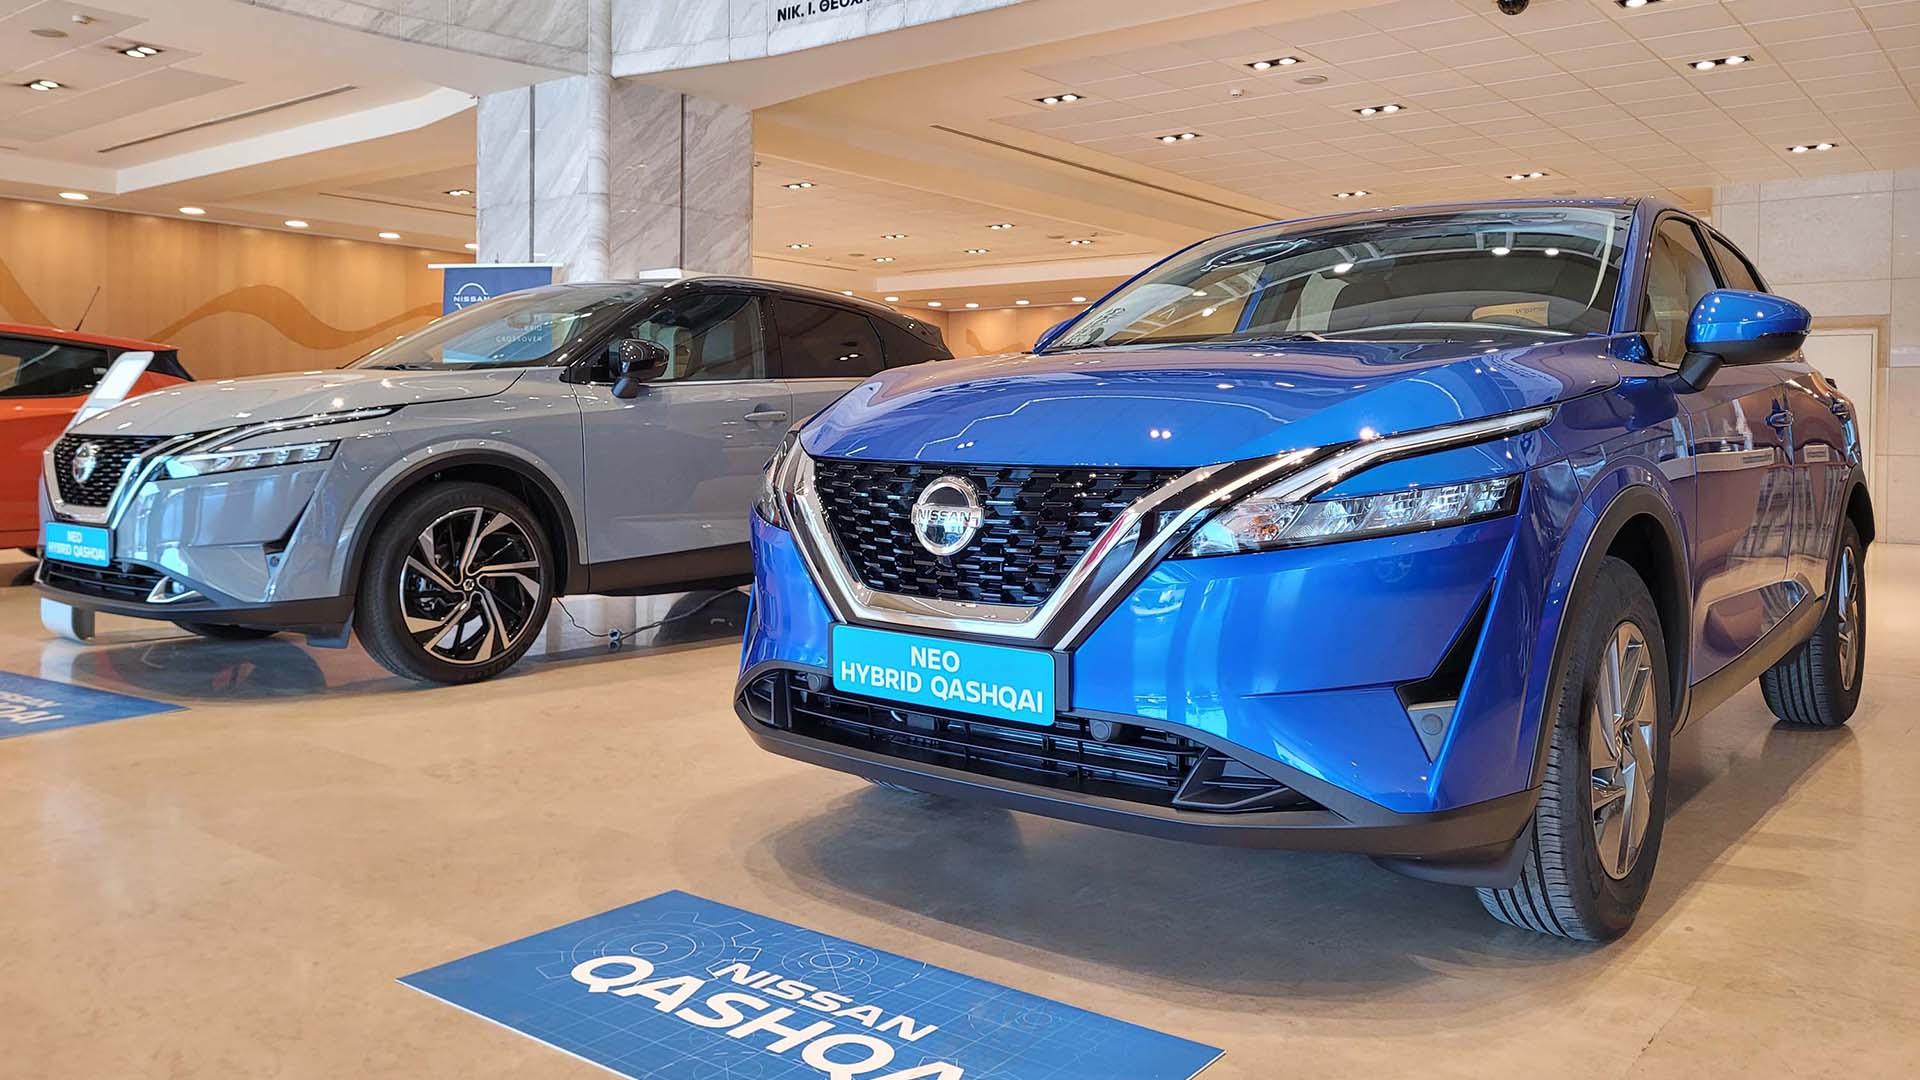 Στις εκθέσεις το νέο Nissan Qashqai